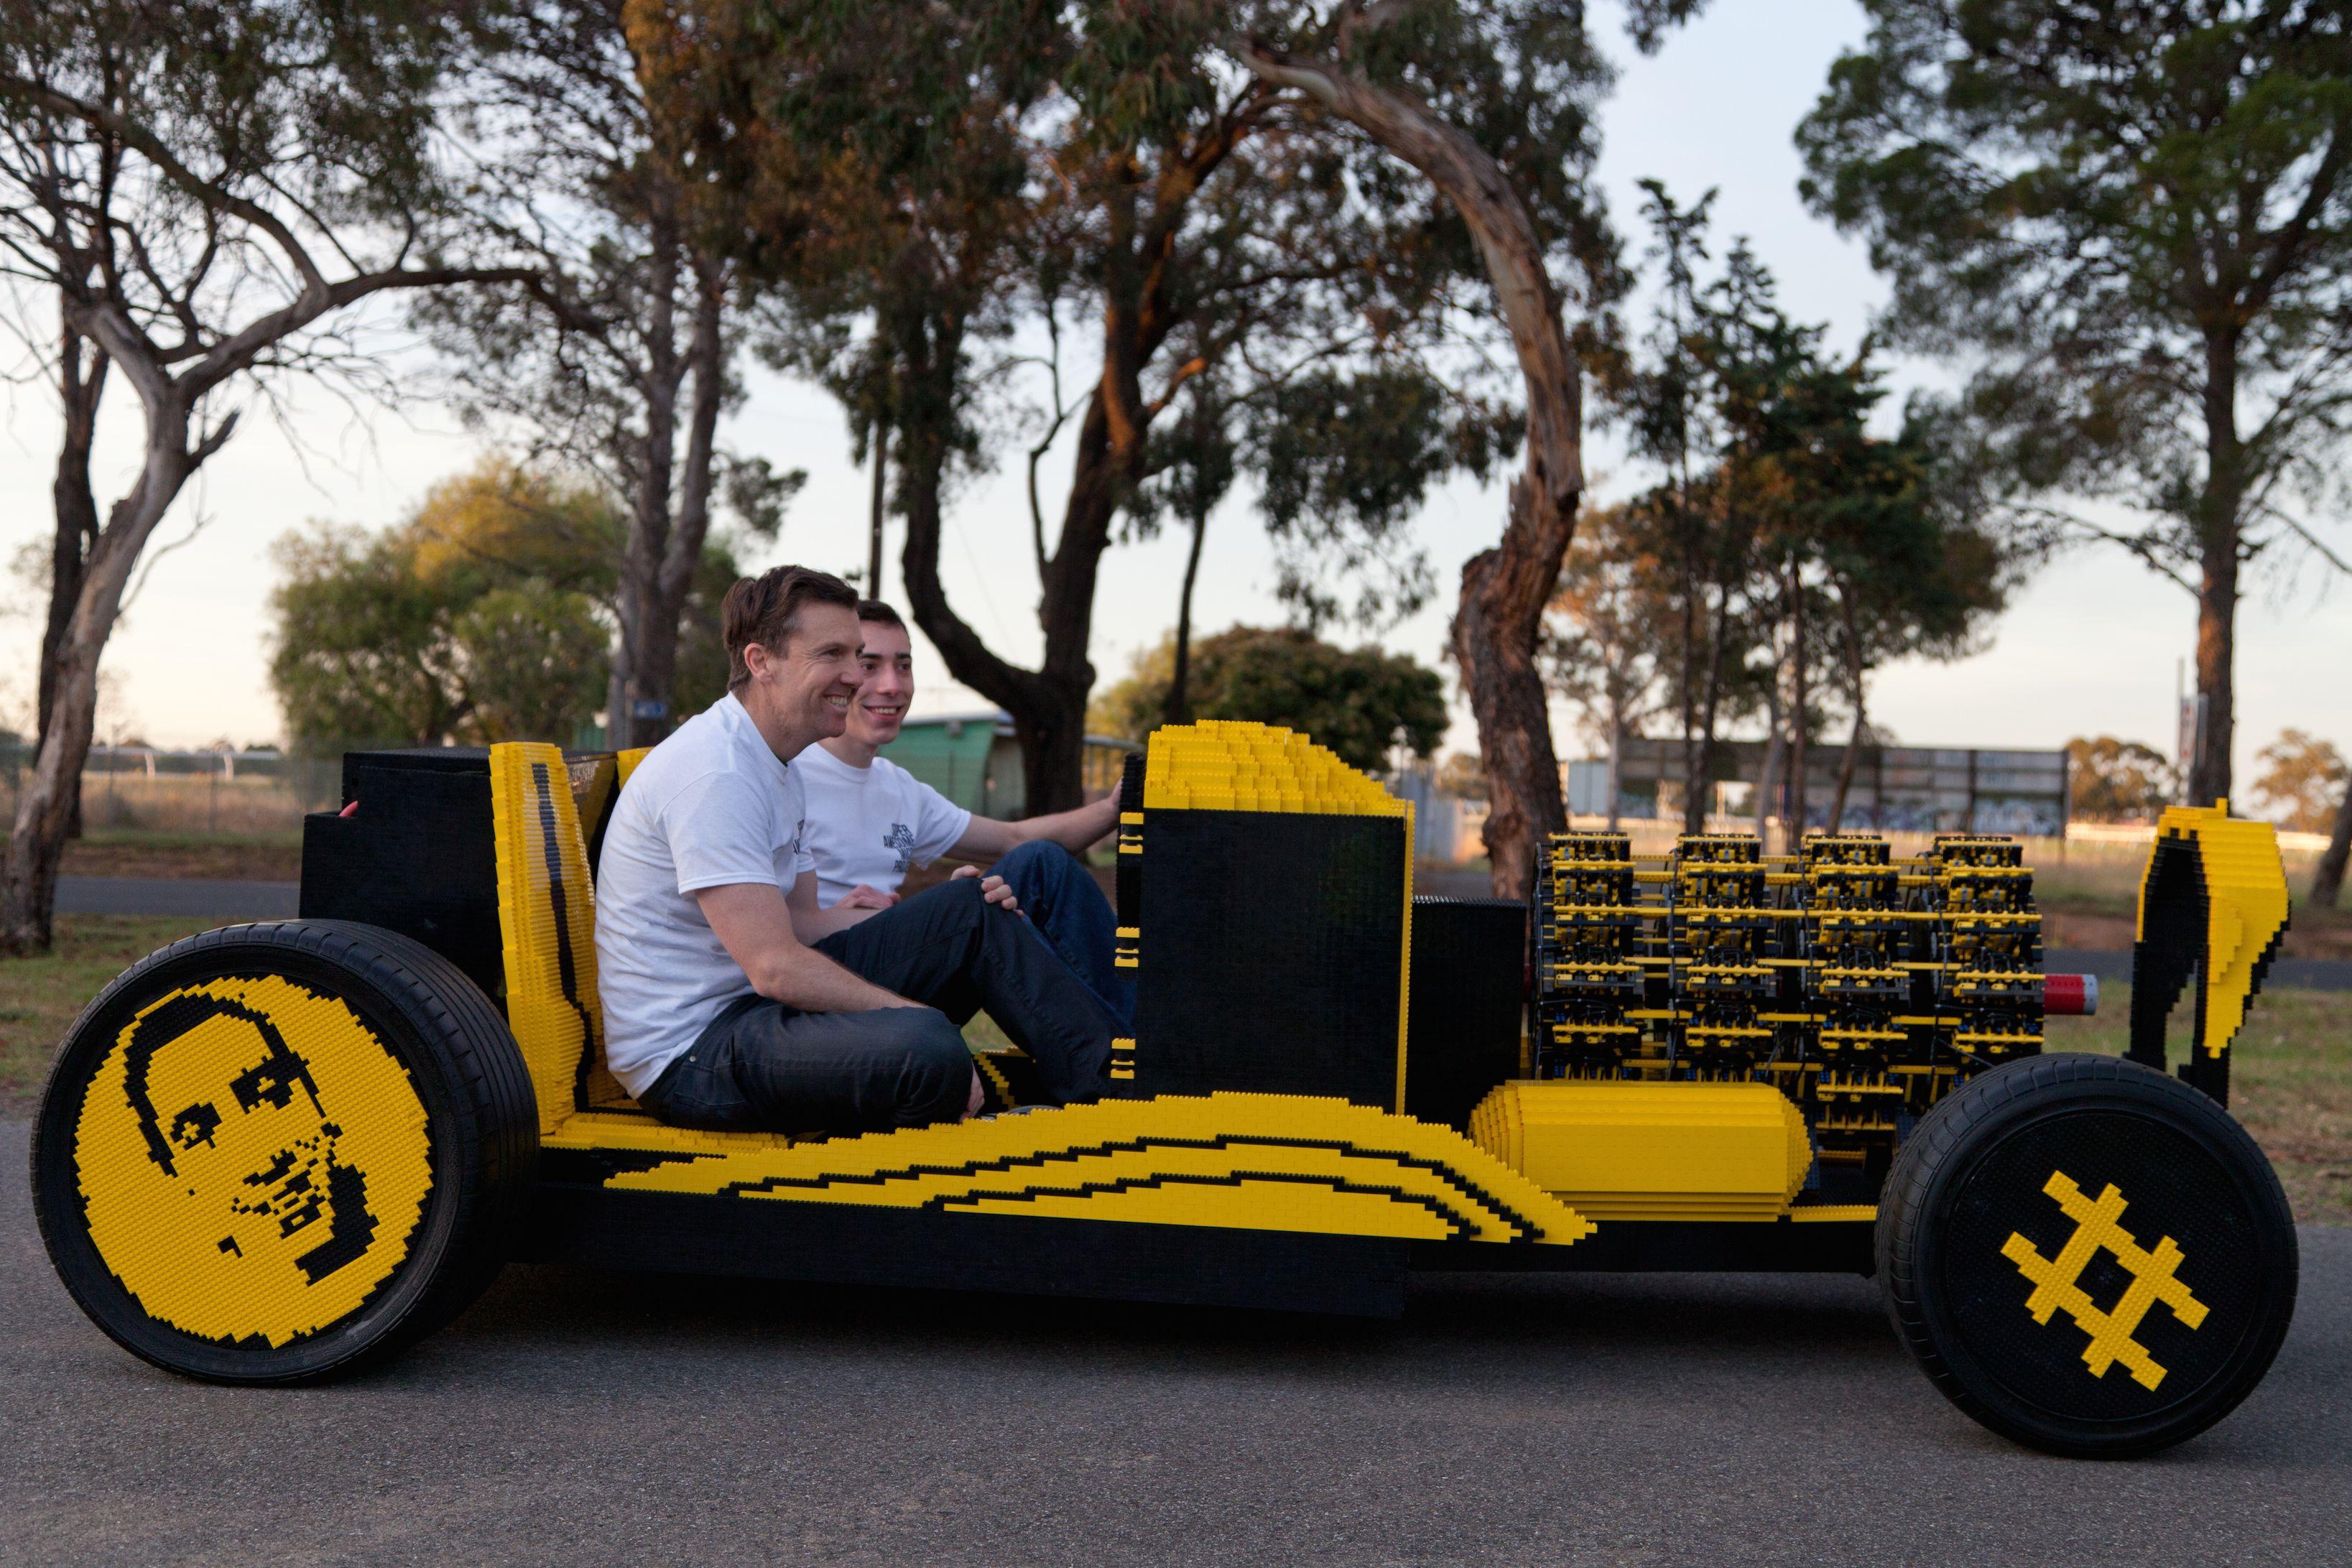 Raul-car